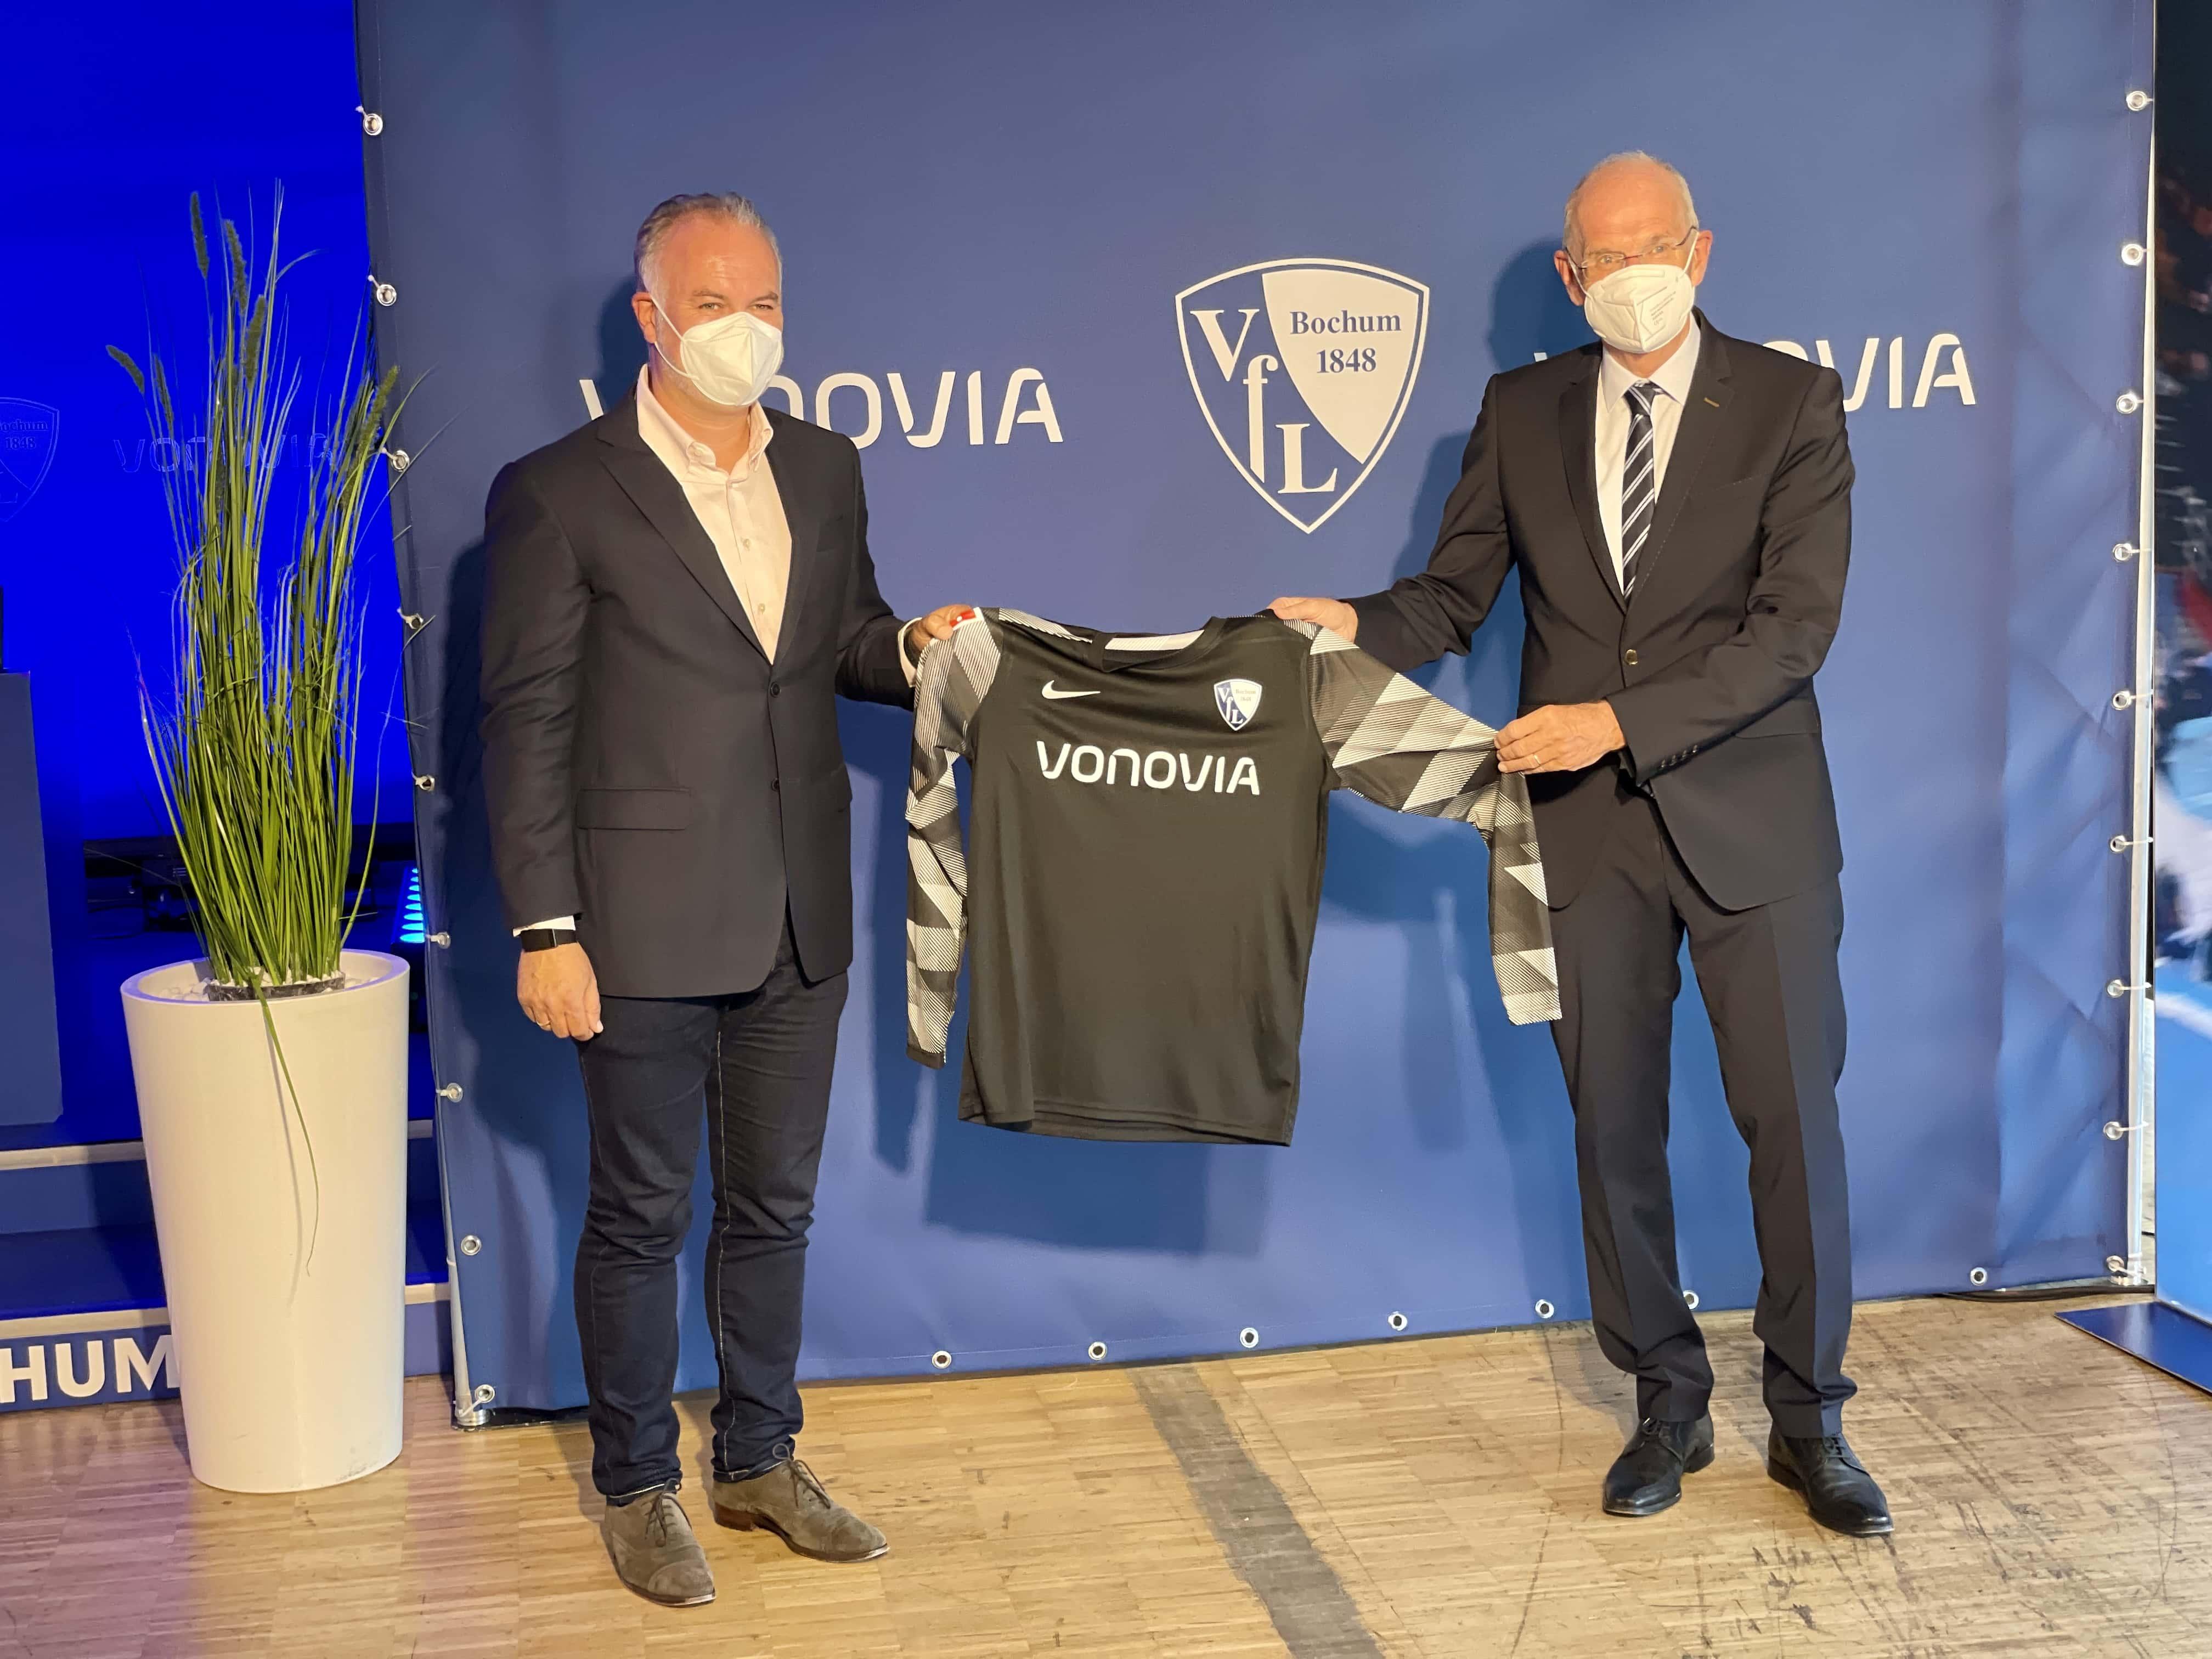 Arnd Fittkau (Vonovia) und Hans-Peter Villis (VfL Bochum) zeigen am Torwart-Trikot wie das Vonovia-Logo auf der Brust des VfL Bochum aussieht